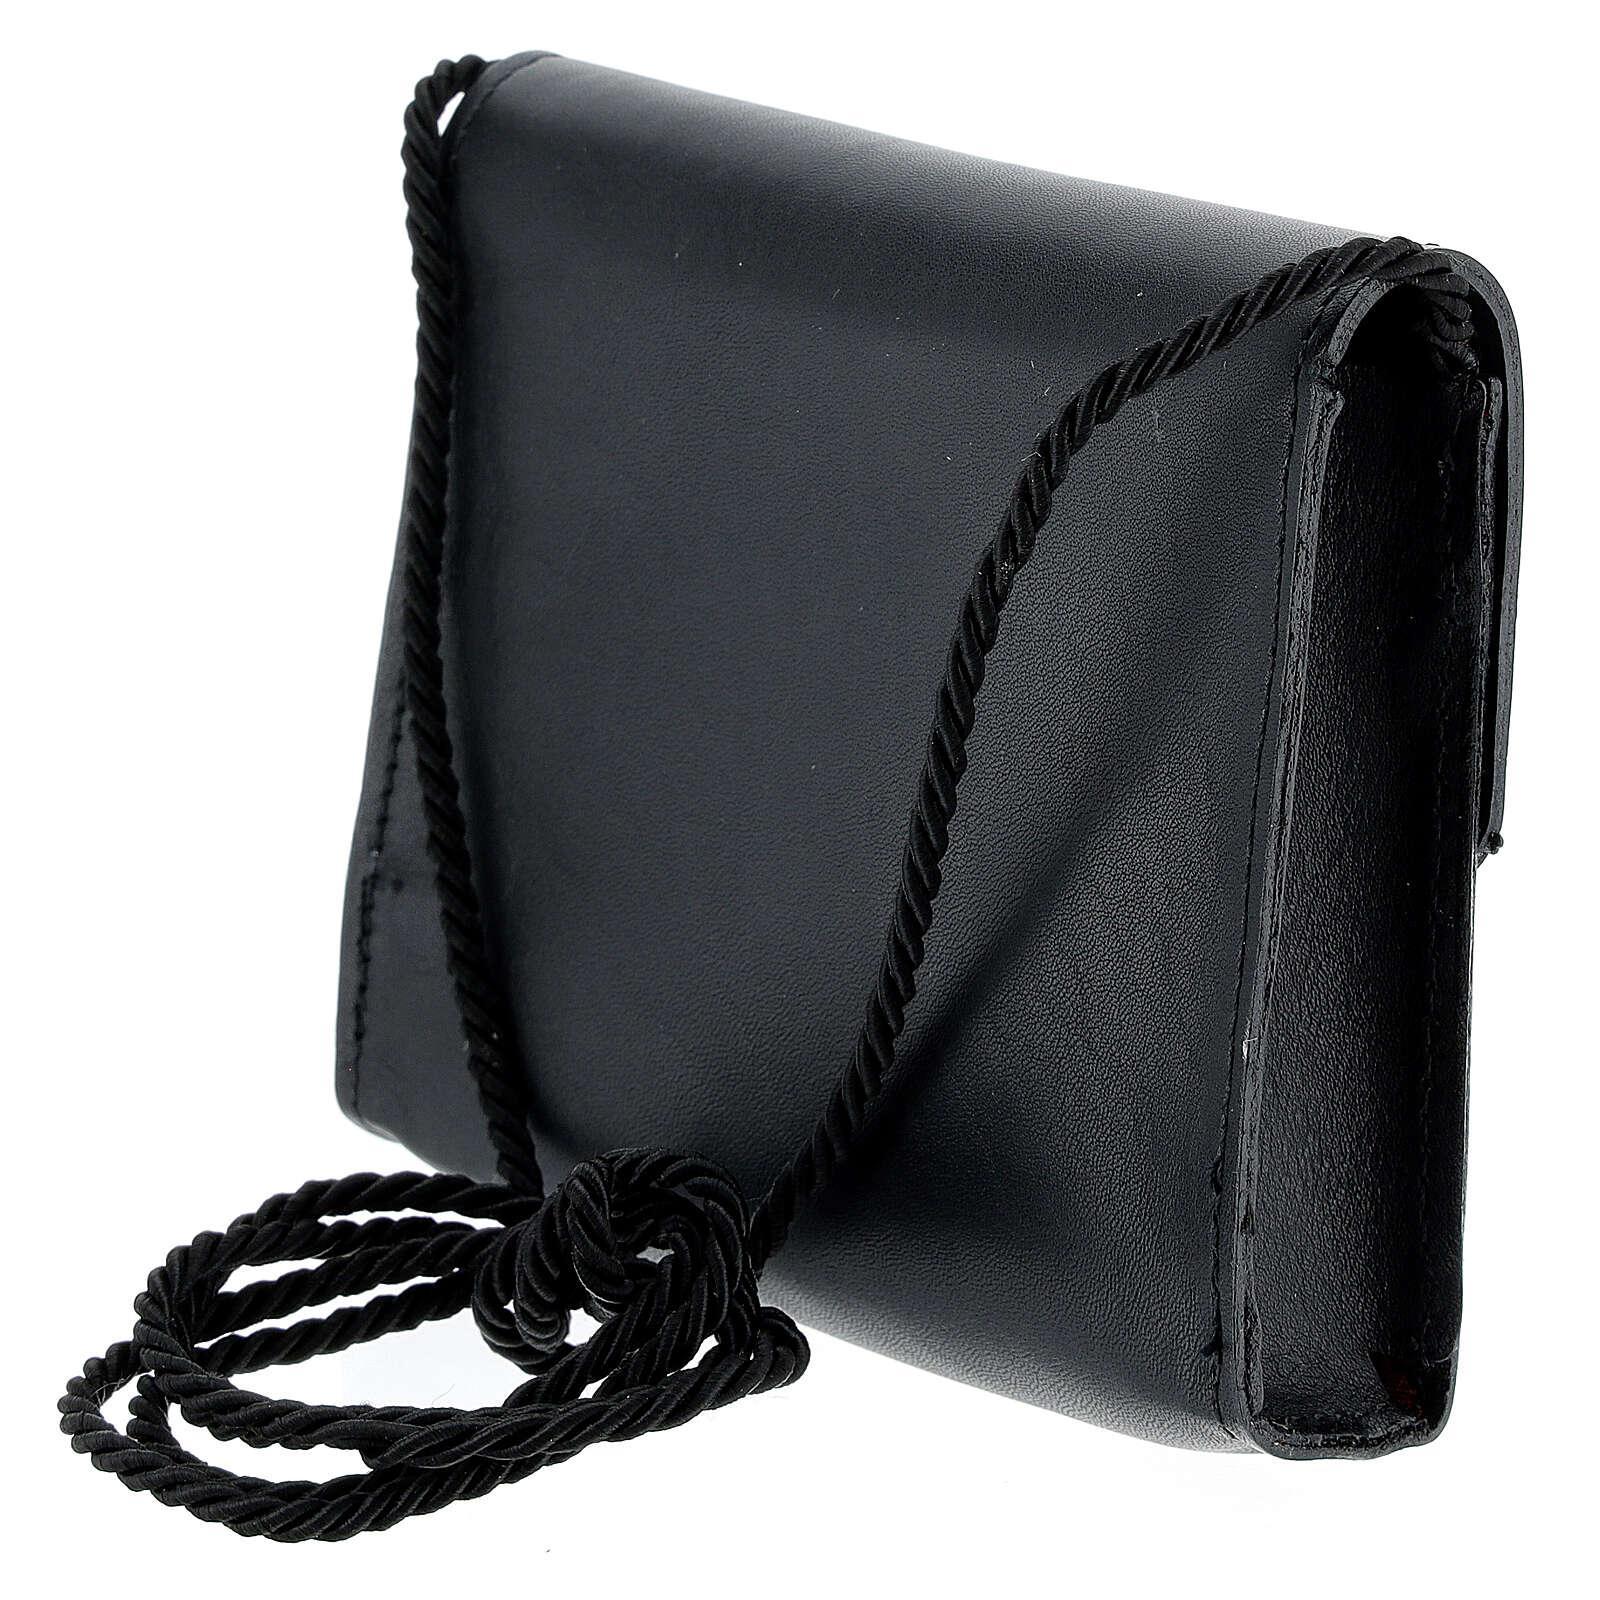 Paten bag 10x12 cm in black leather 4